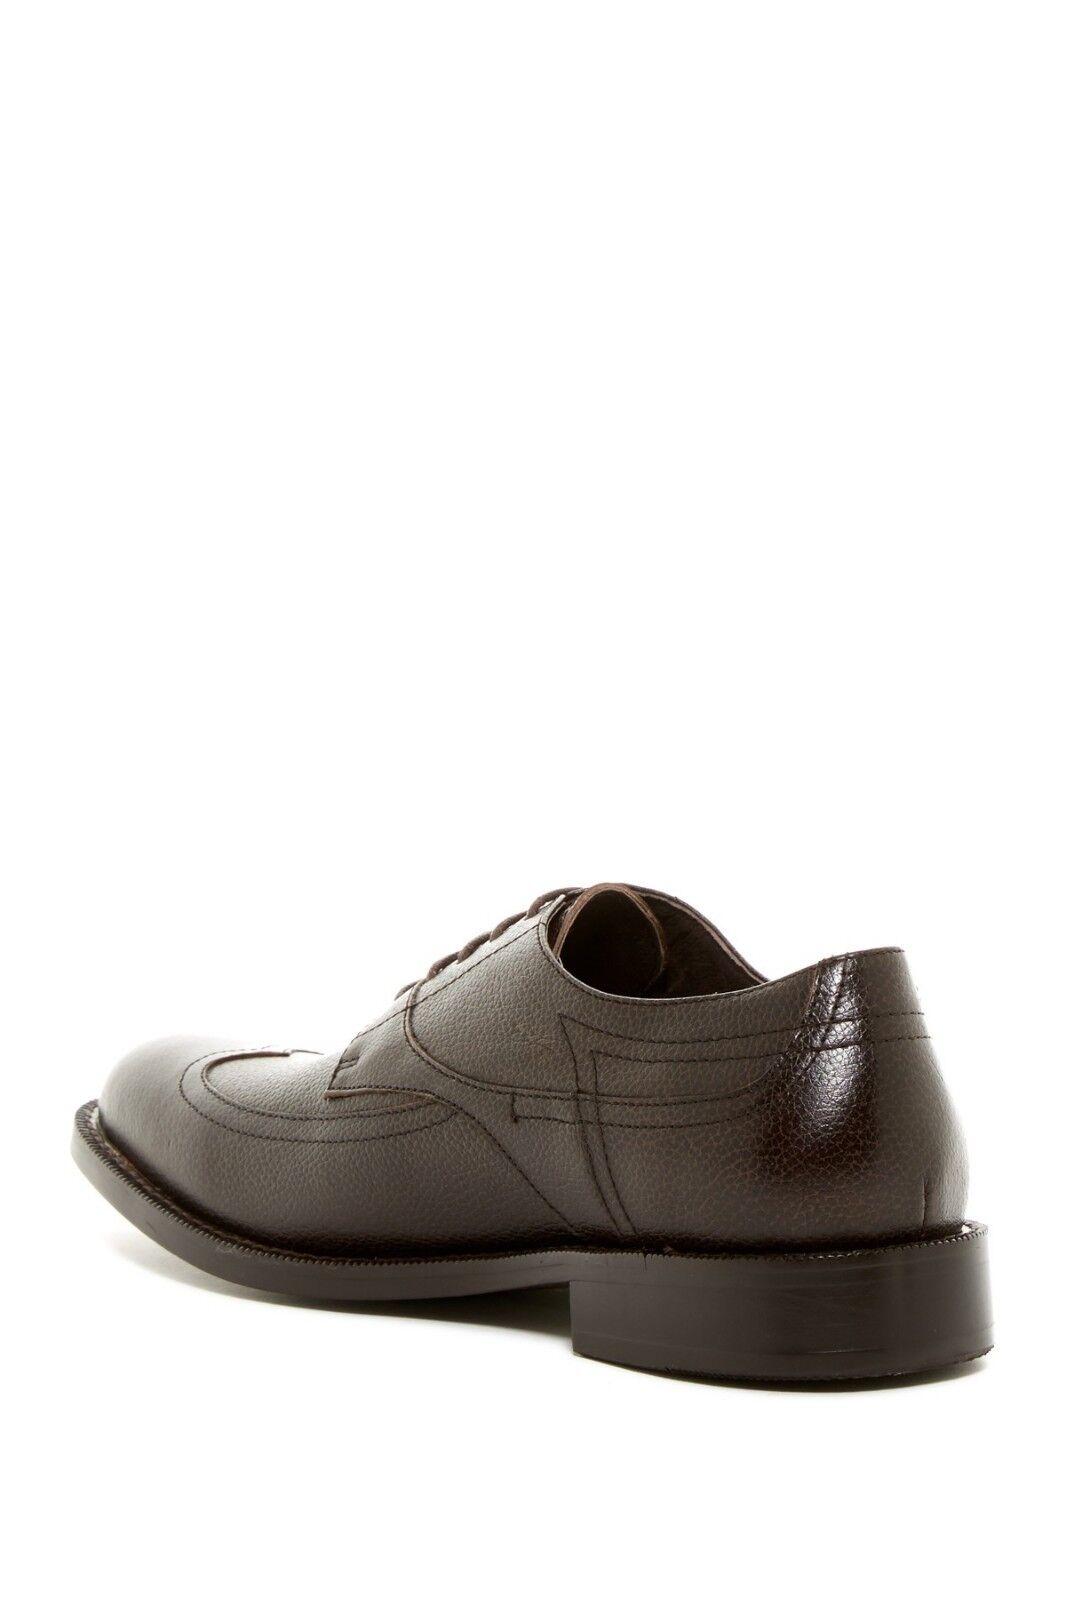 Hart Schaffner Marx Gilbert punta Con del ala Derb Zapato, Redondo Puntera, 295 Nuevo Con punta Caja b01a0c